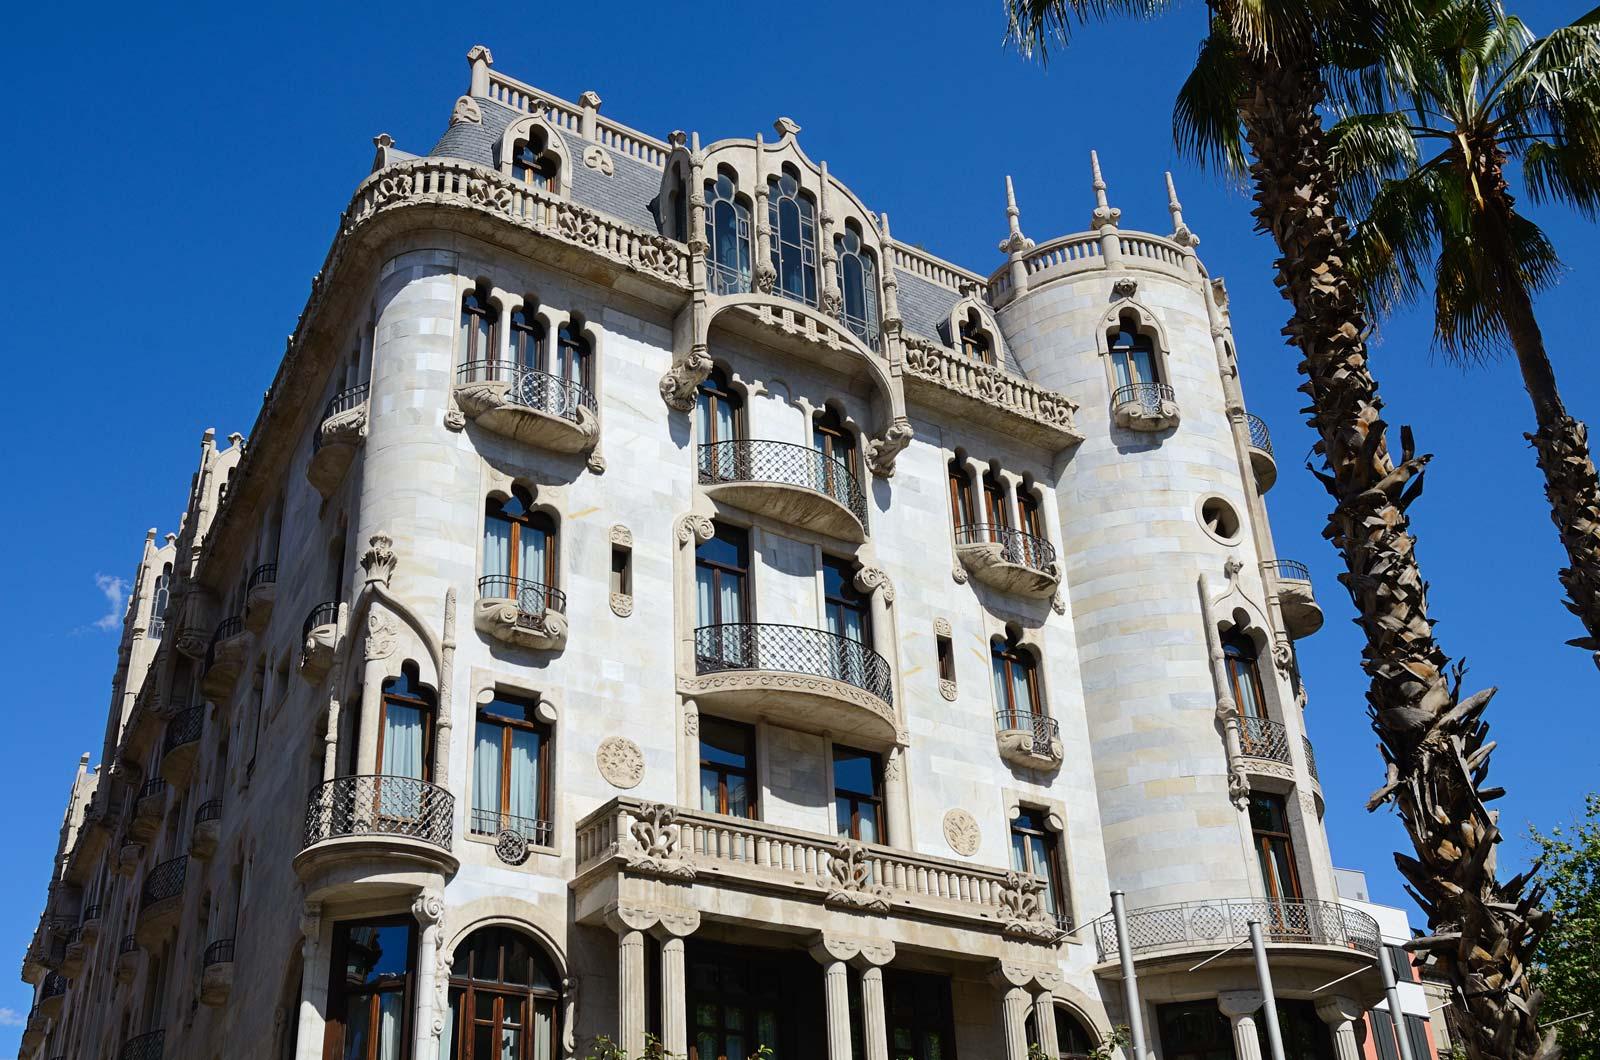 Grand Luxe Hotel Casa Fuster in Barcelona